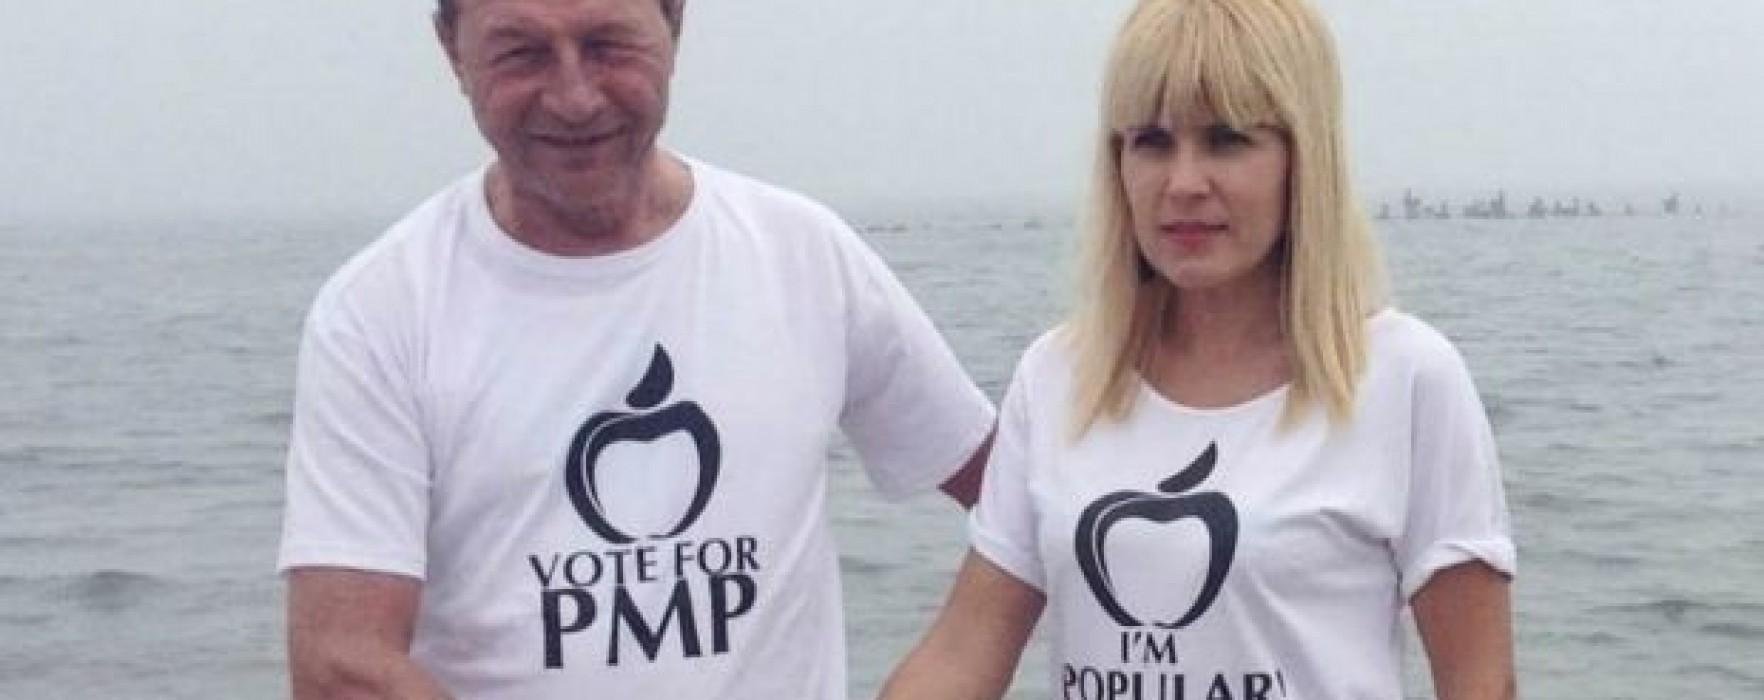 Adrian Rădulescu: PMP trebuie să se descurce fără cei doi părinţi adoptivi: Udrea şi Băsescu